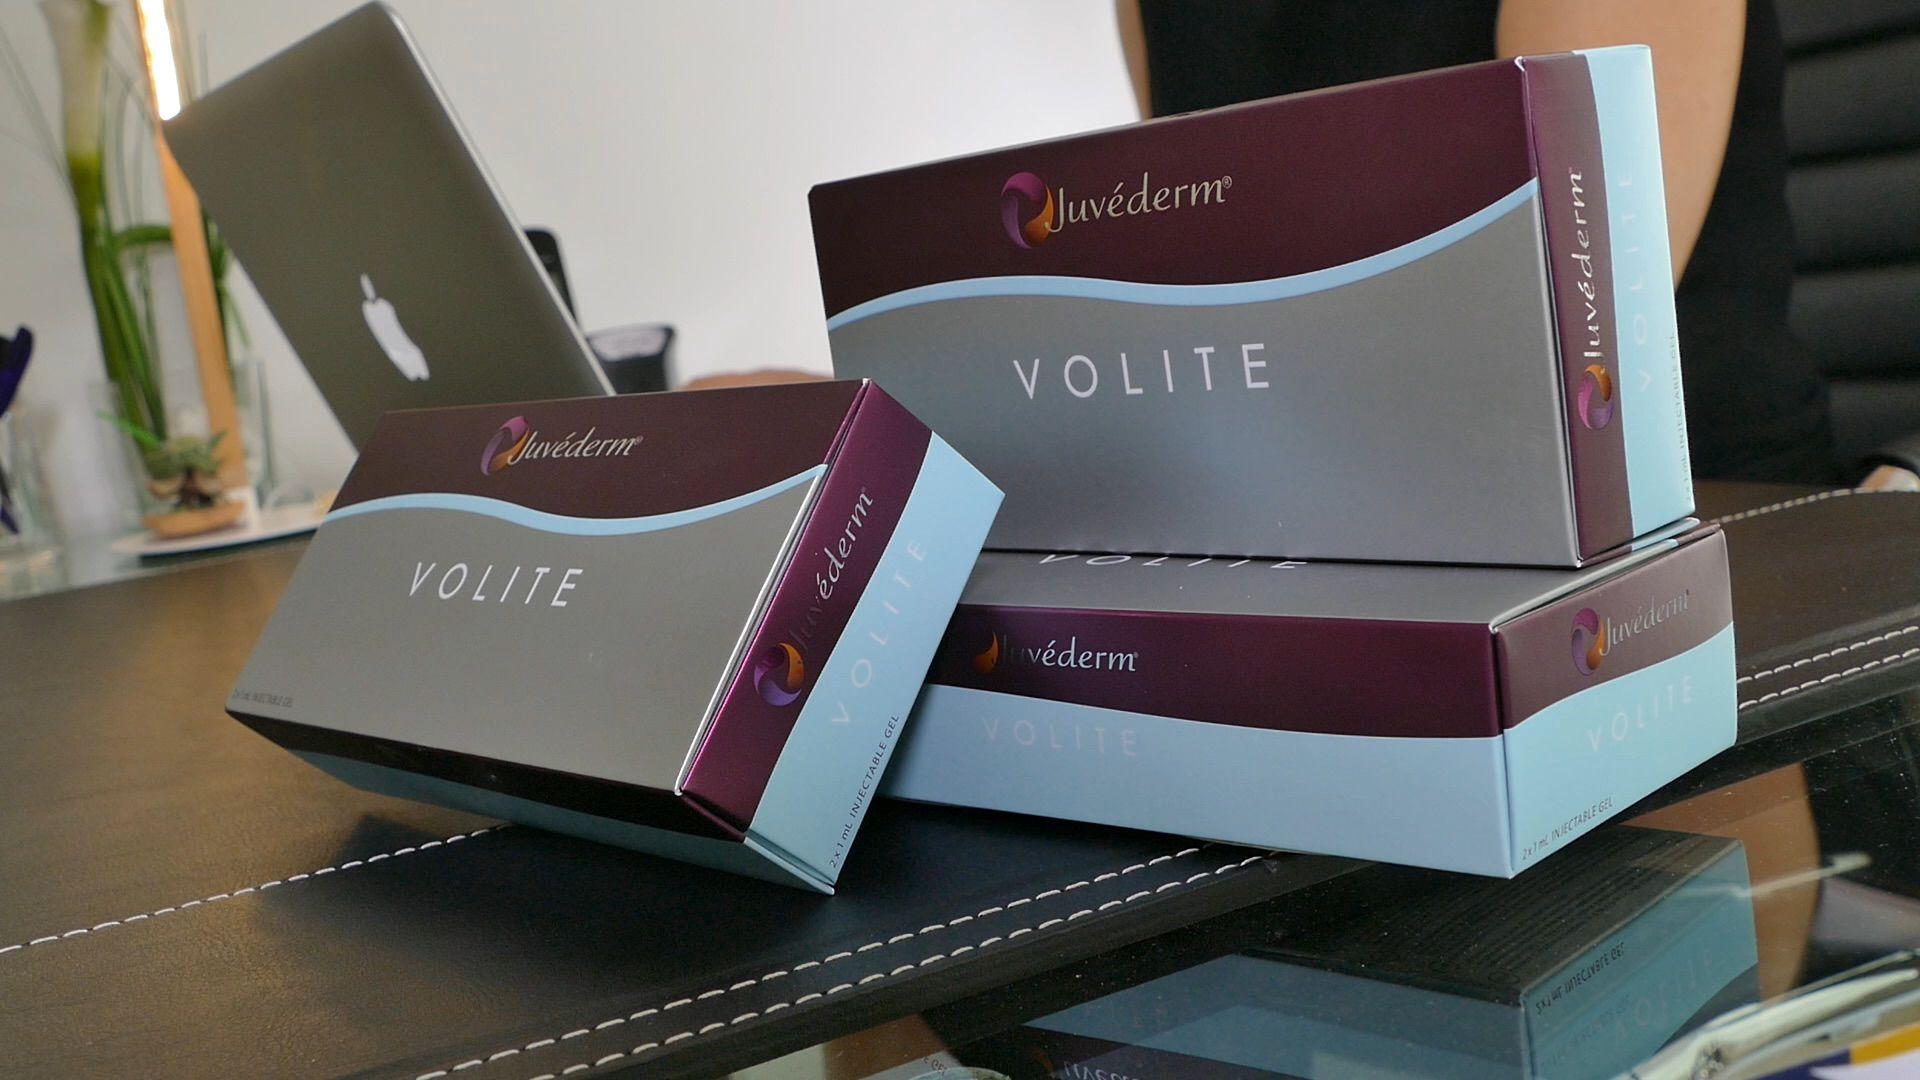 ¿Conoces ya Volite? Es el nuevo y revolucionario producto para mesoterapia facial de la empresa Allergan, 3 veces más potente que la mesoterapia facial tradicional para combatir las arrugas y da mayor luminosidad a la piel.